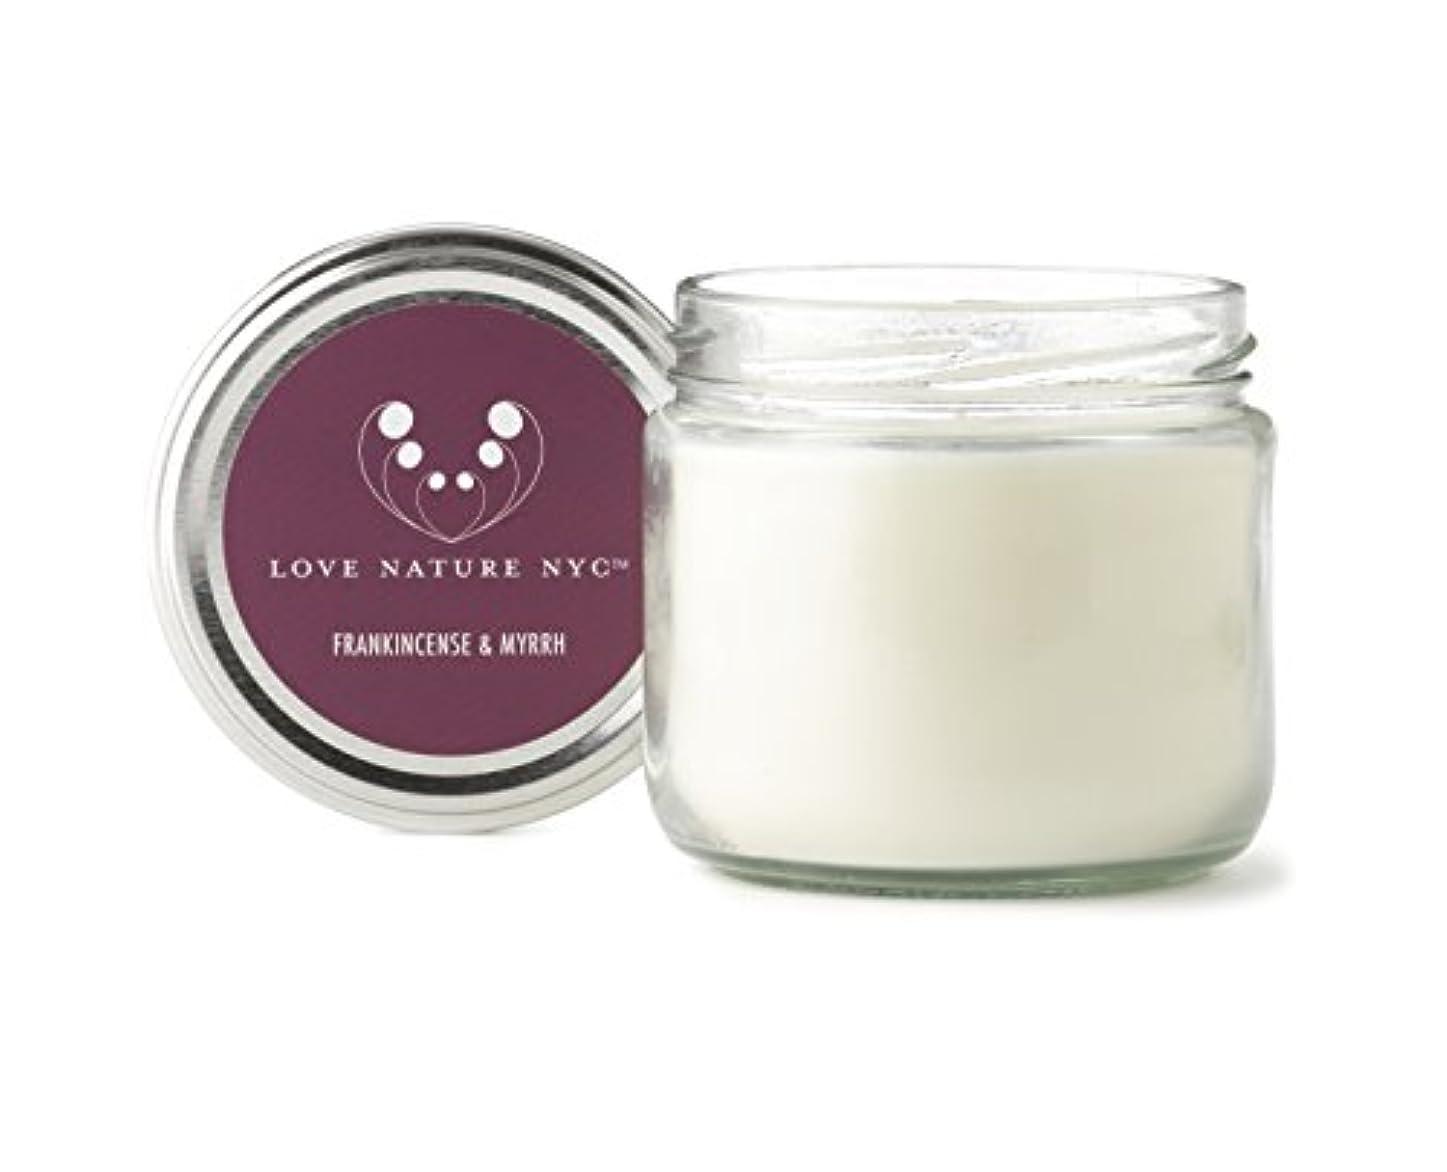 石油うるさいしなければならない自然Soy Candle Jar、クリーン燃焼非毒性、完璧クリスマスや休日ギフト、Love Nature NYC 60 Hours Jar パープル